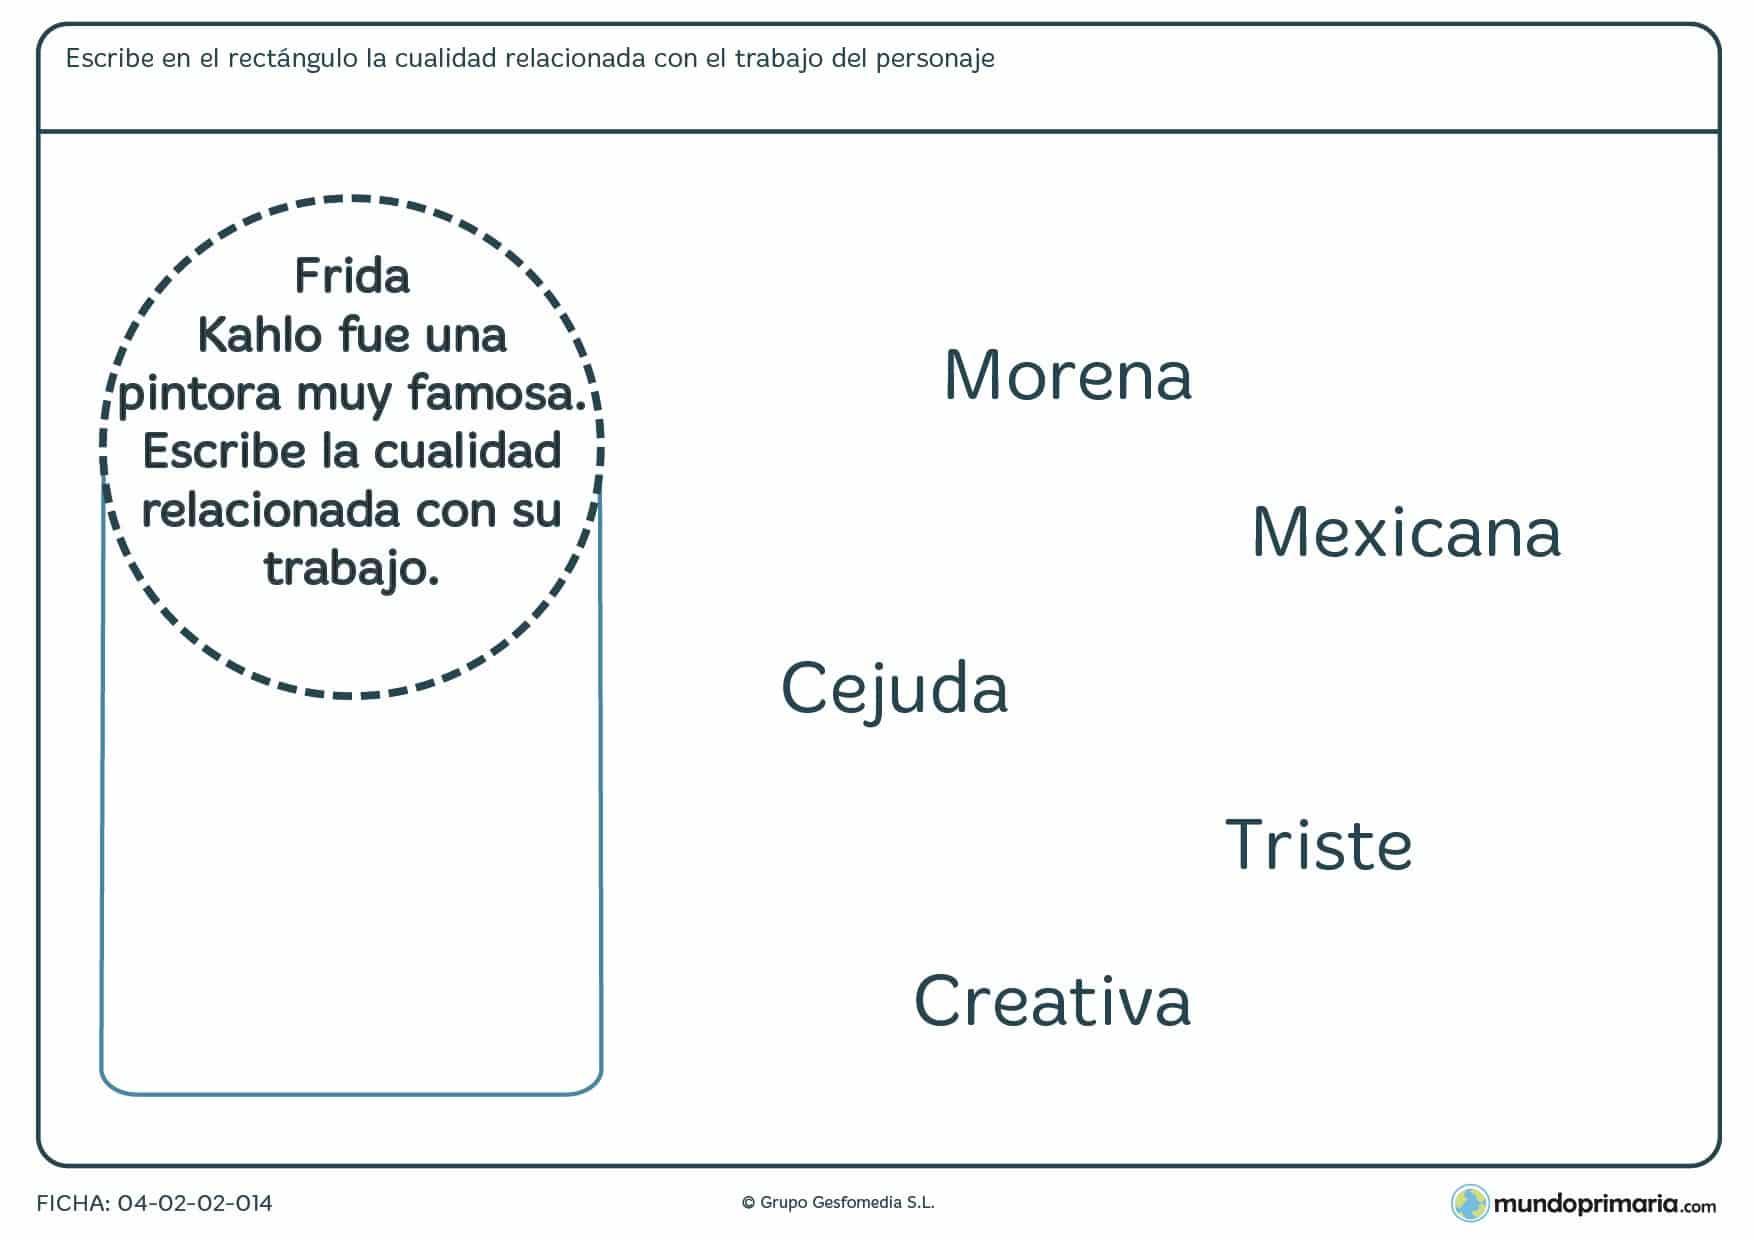 Ficha para niños de 7 a 8 años de señalar la característica para el personaje en la que tendrás que relacionar alguno de los adjetivos dados con la descripción de un personaje.